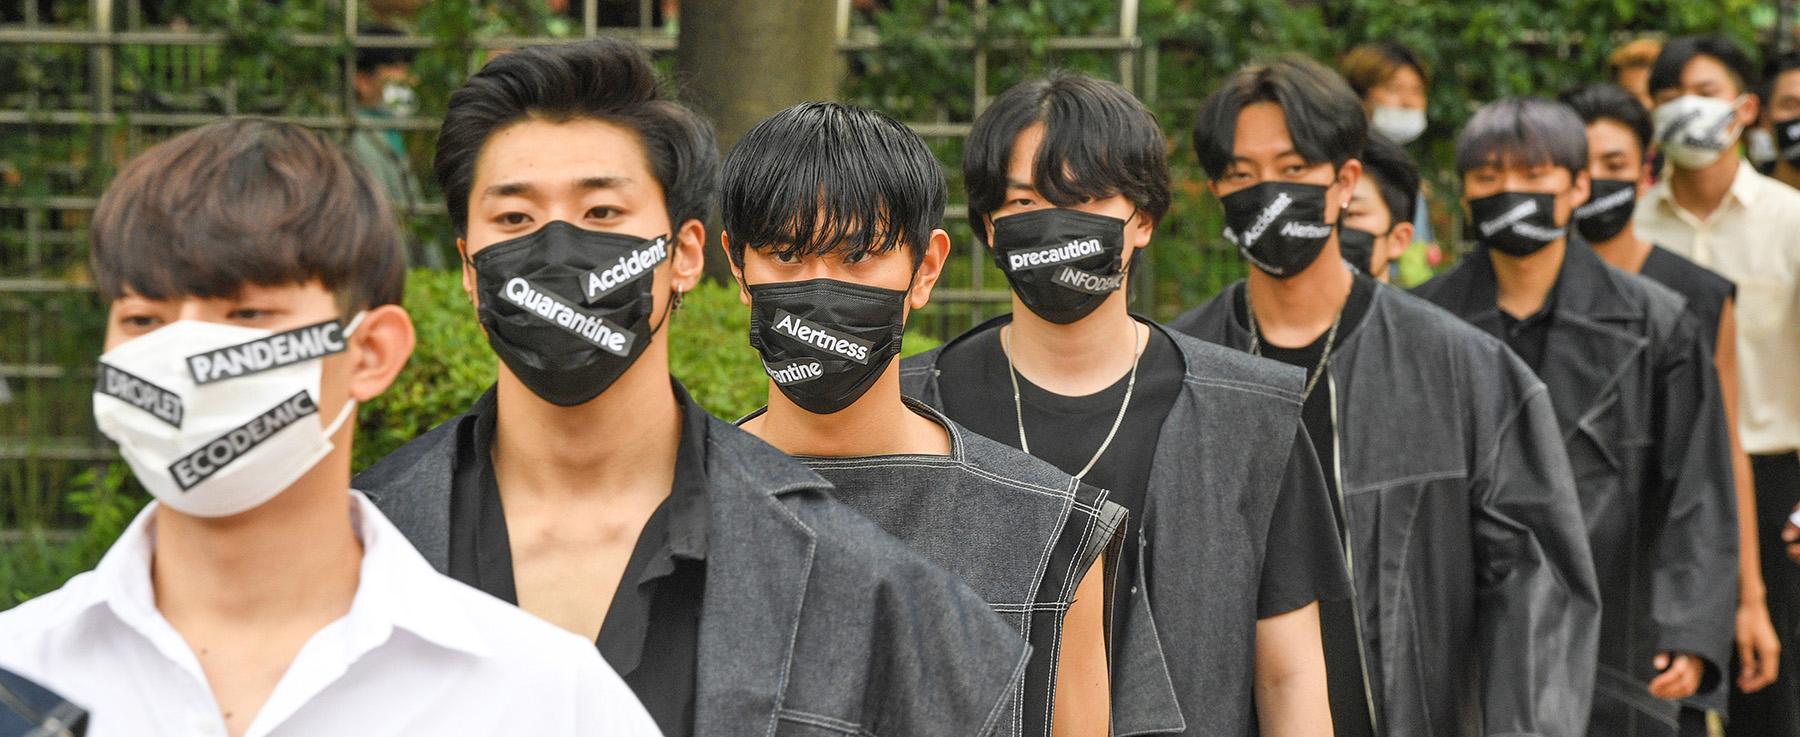 [포토뉴스] 일상 속 패션이 된 마스크